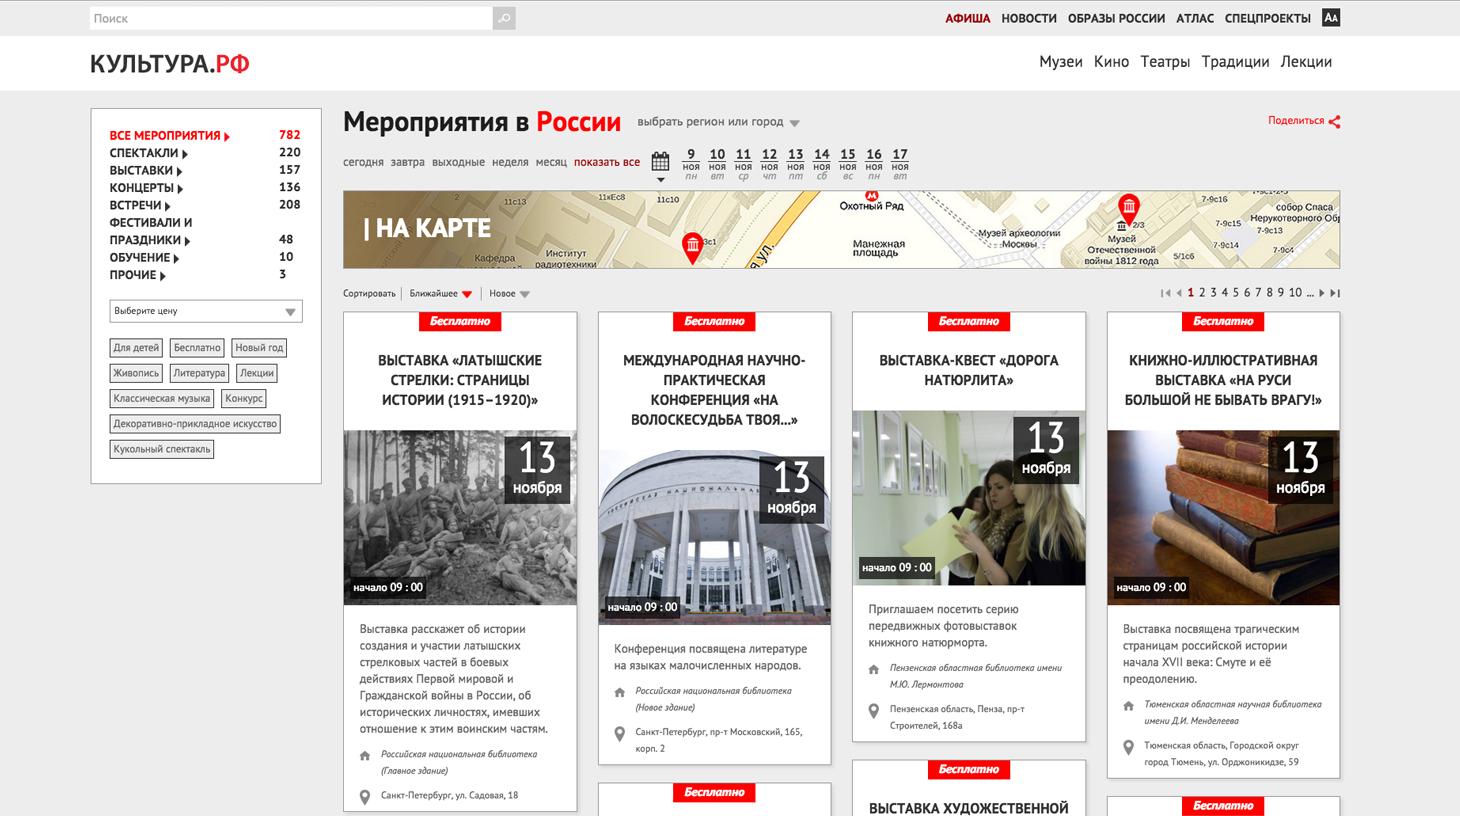 Фильмы по россии 2 по выходным мелодрамы список 2017